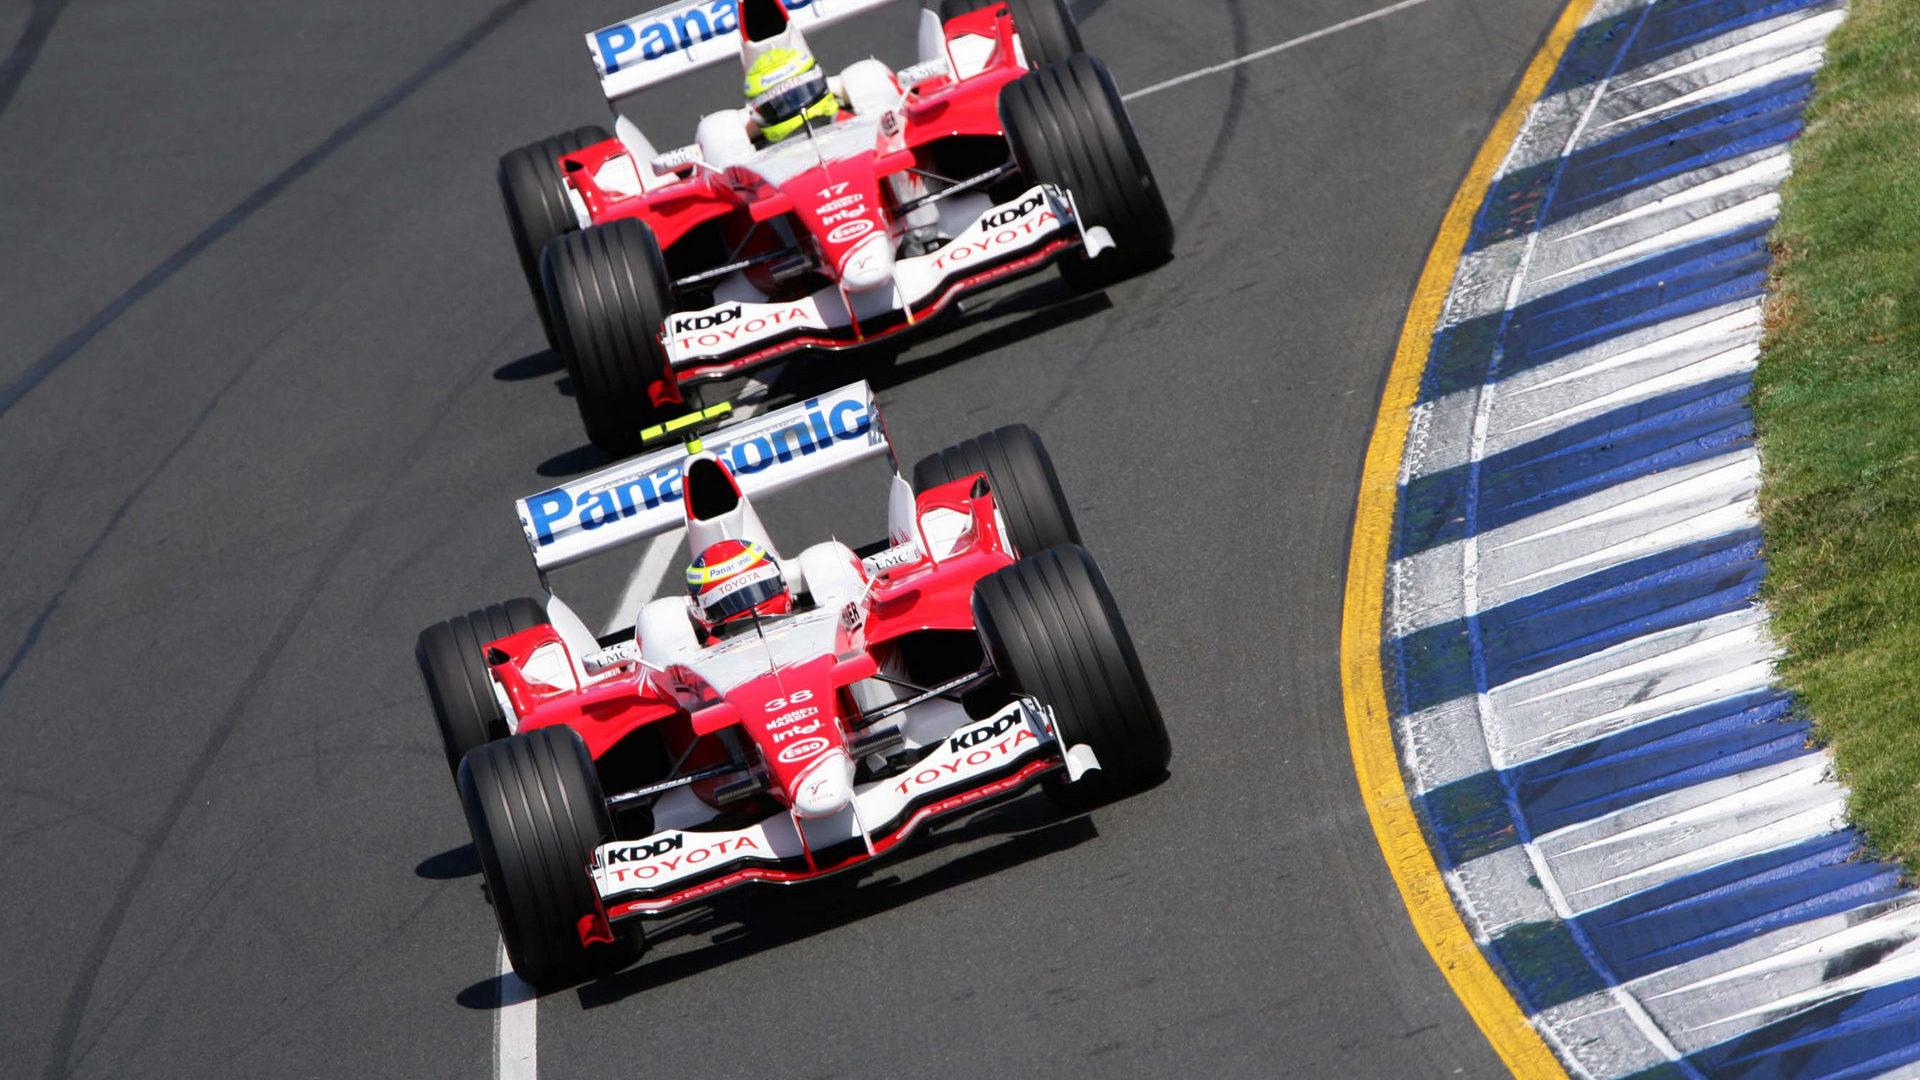 Toyota F1, equipe histórica de Formula 1 de 2005 - by f1-fansite.com